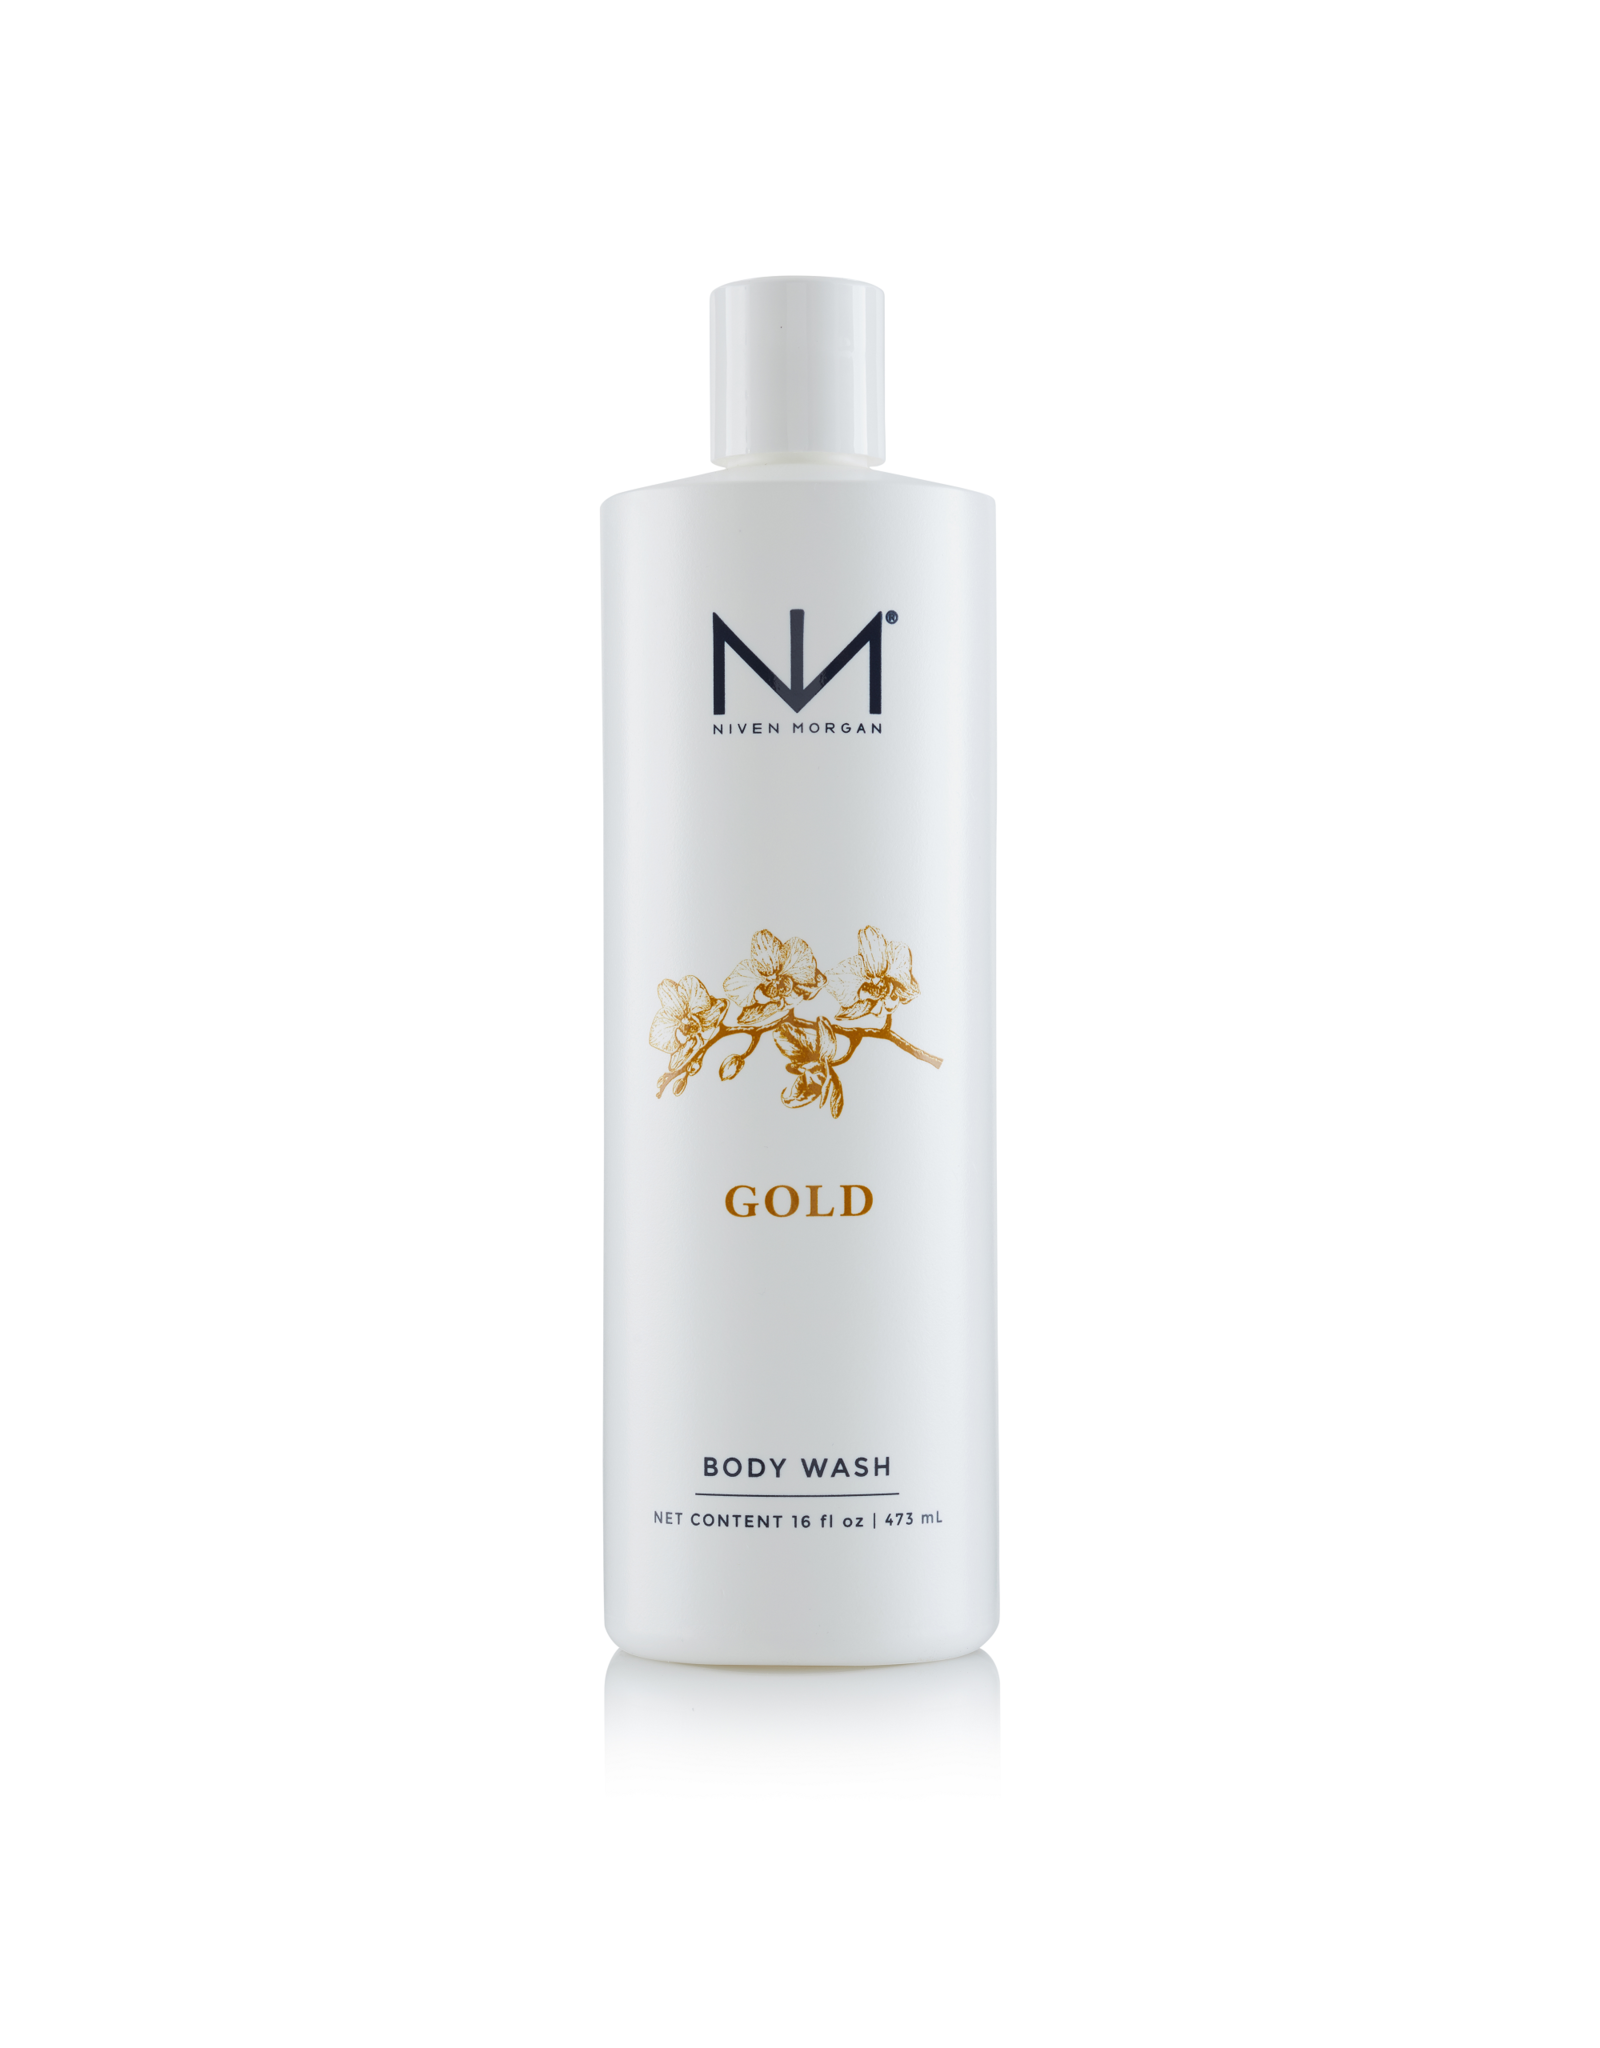 Niven Morgan Niven Morgan Gold Body Wash